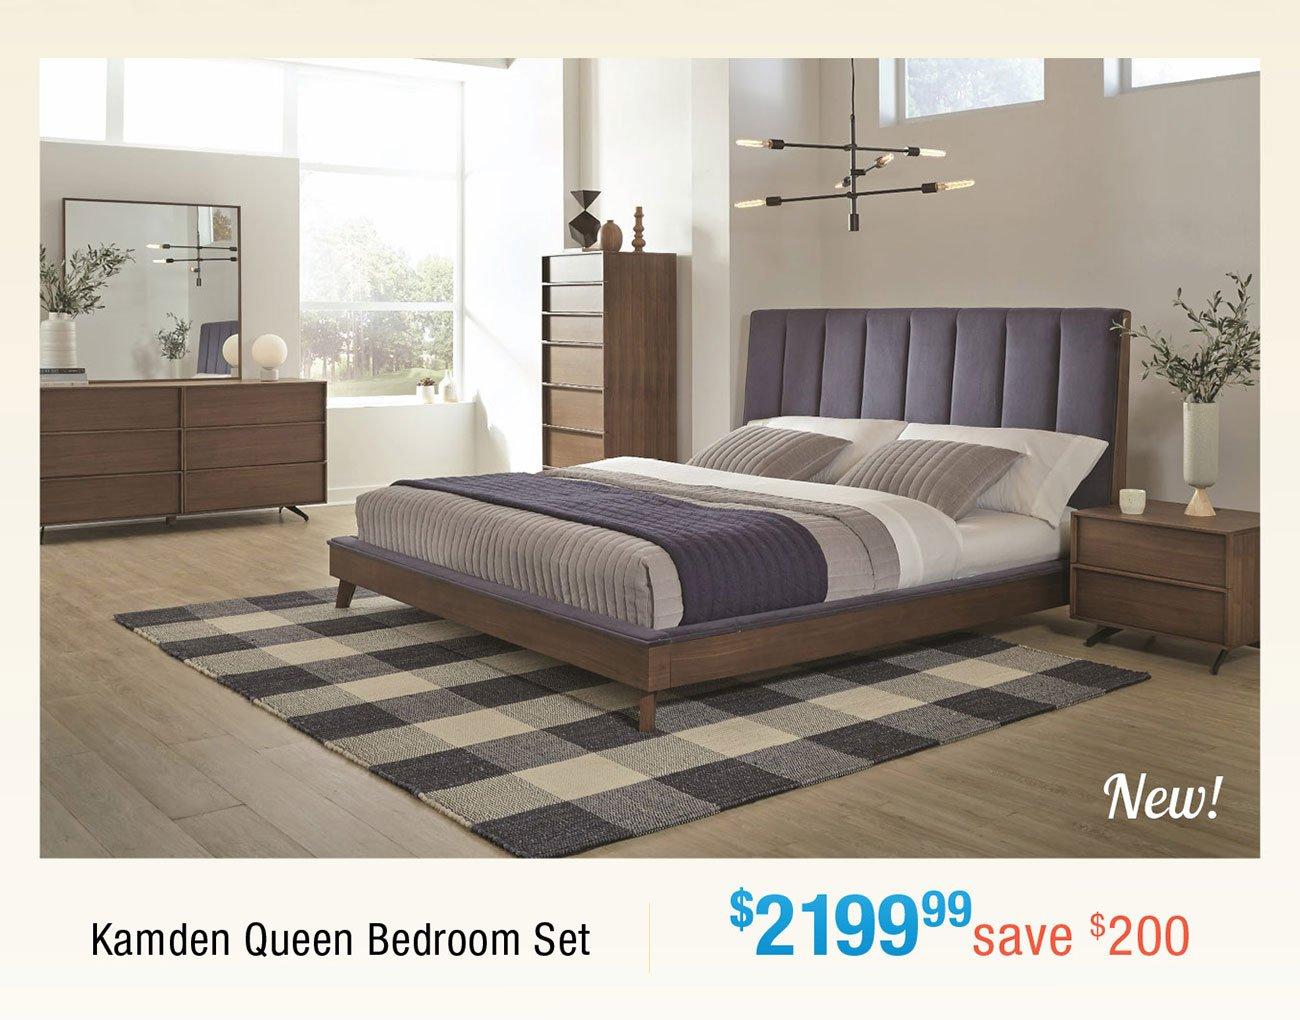 Kamden-queen-bedroom-set